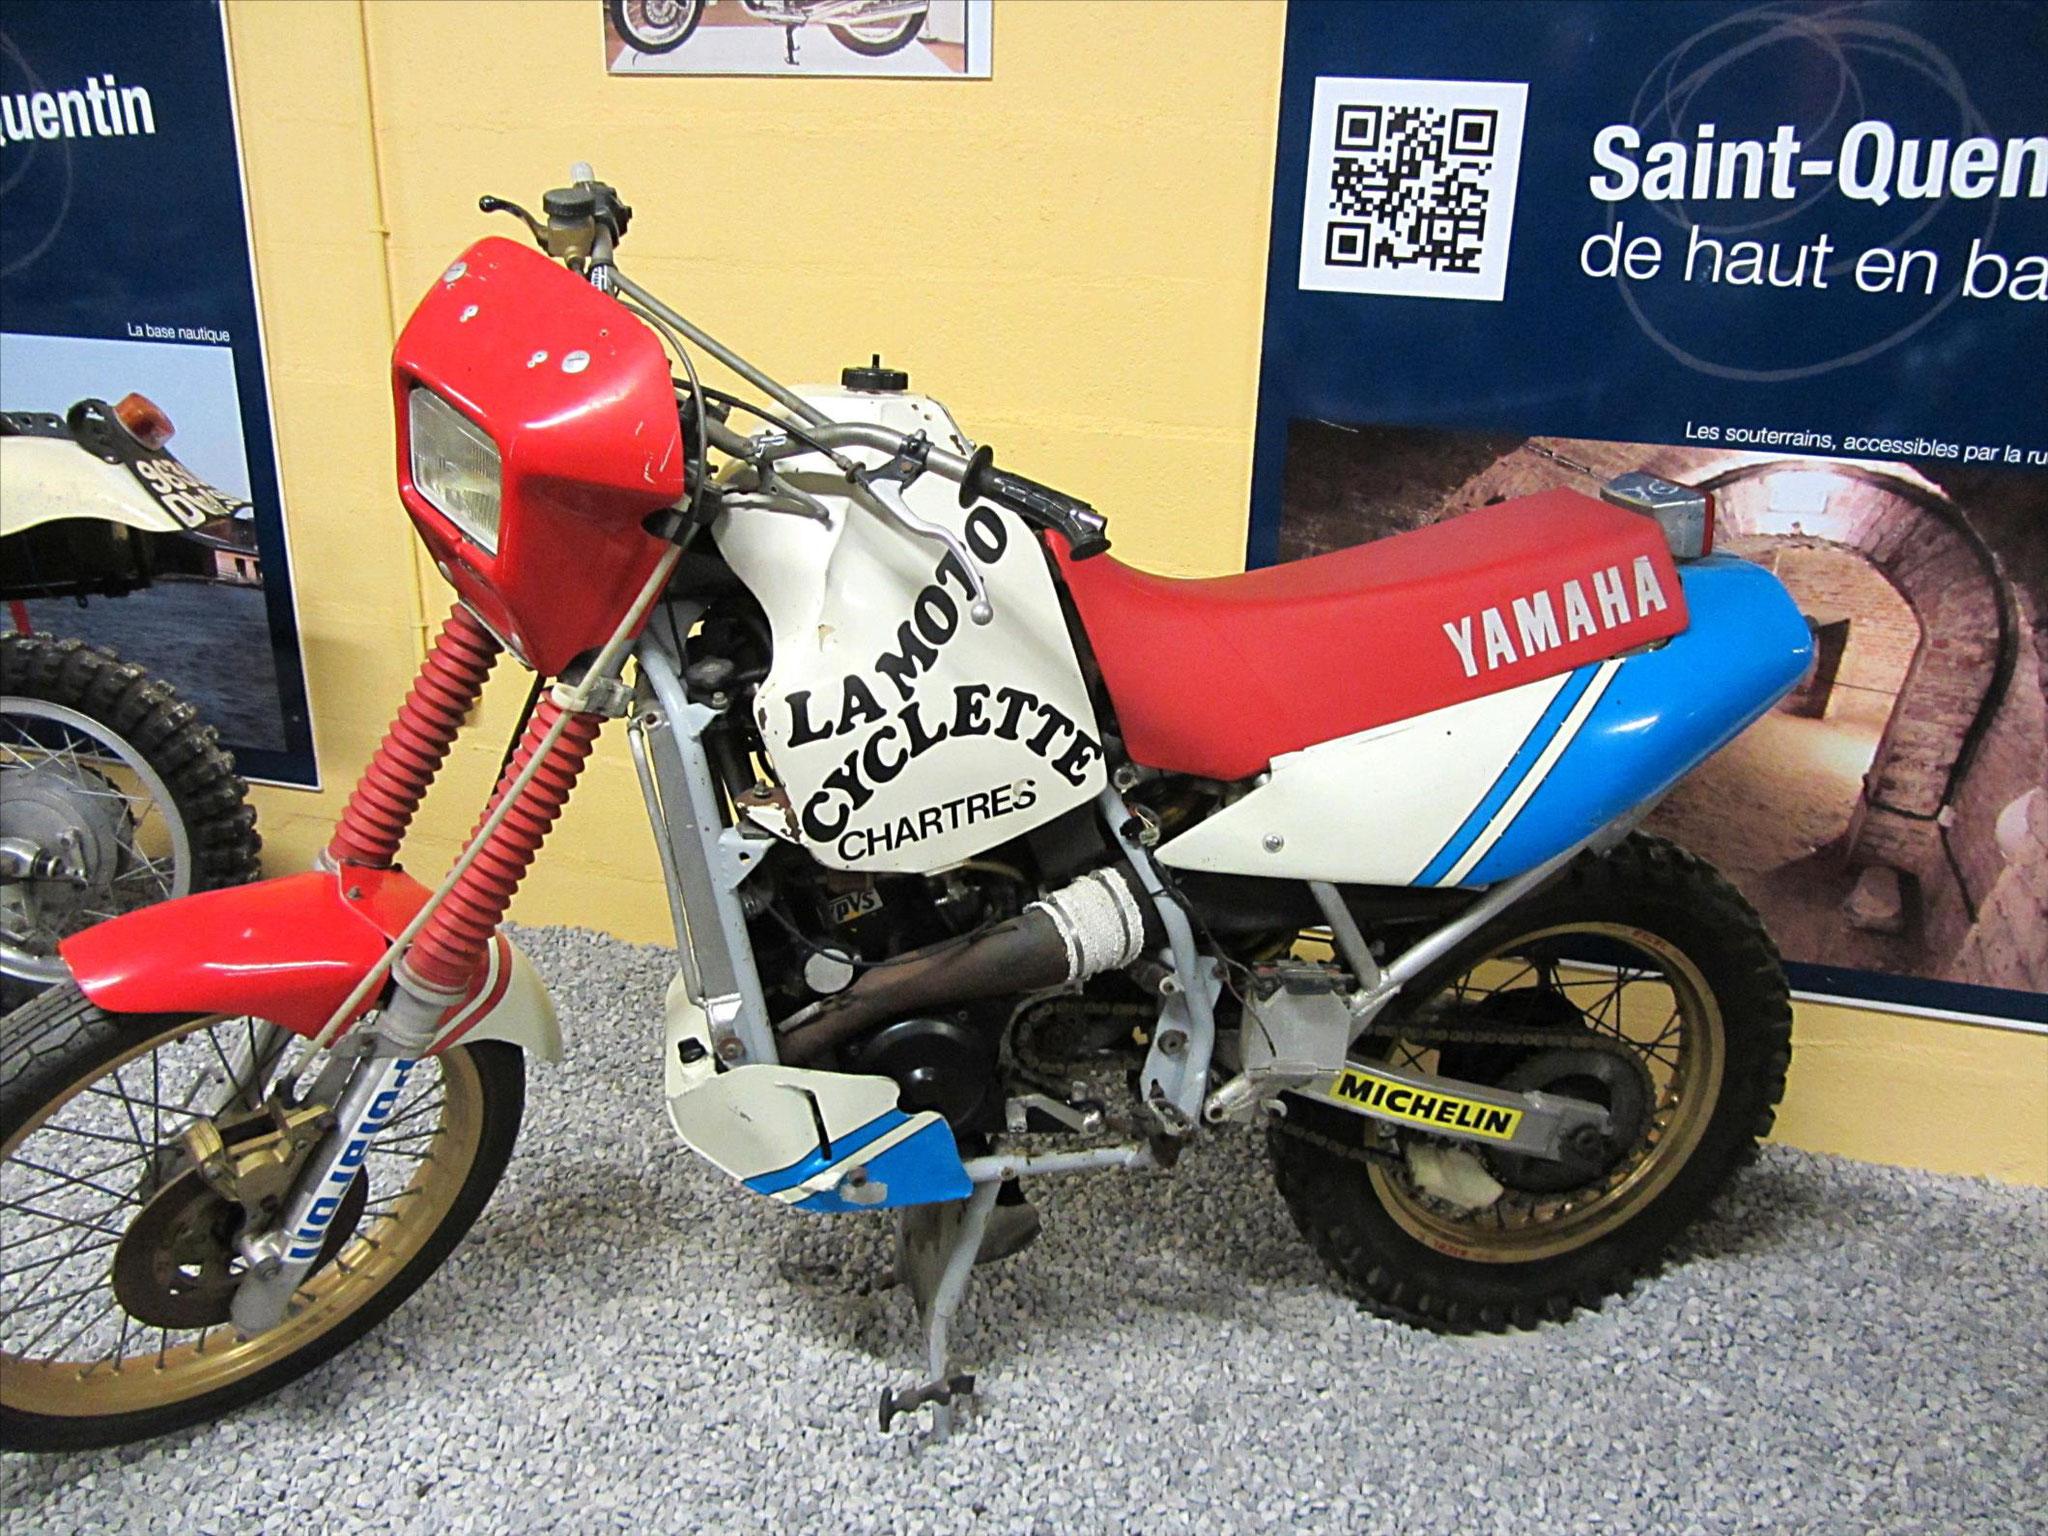 Depuis 1986 Yamaha est actionnaire majoritaire et contrôle MBK Industrie